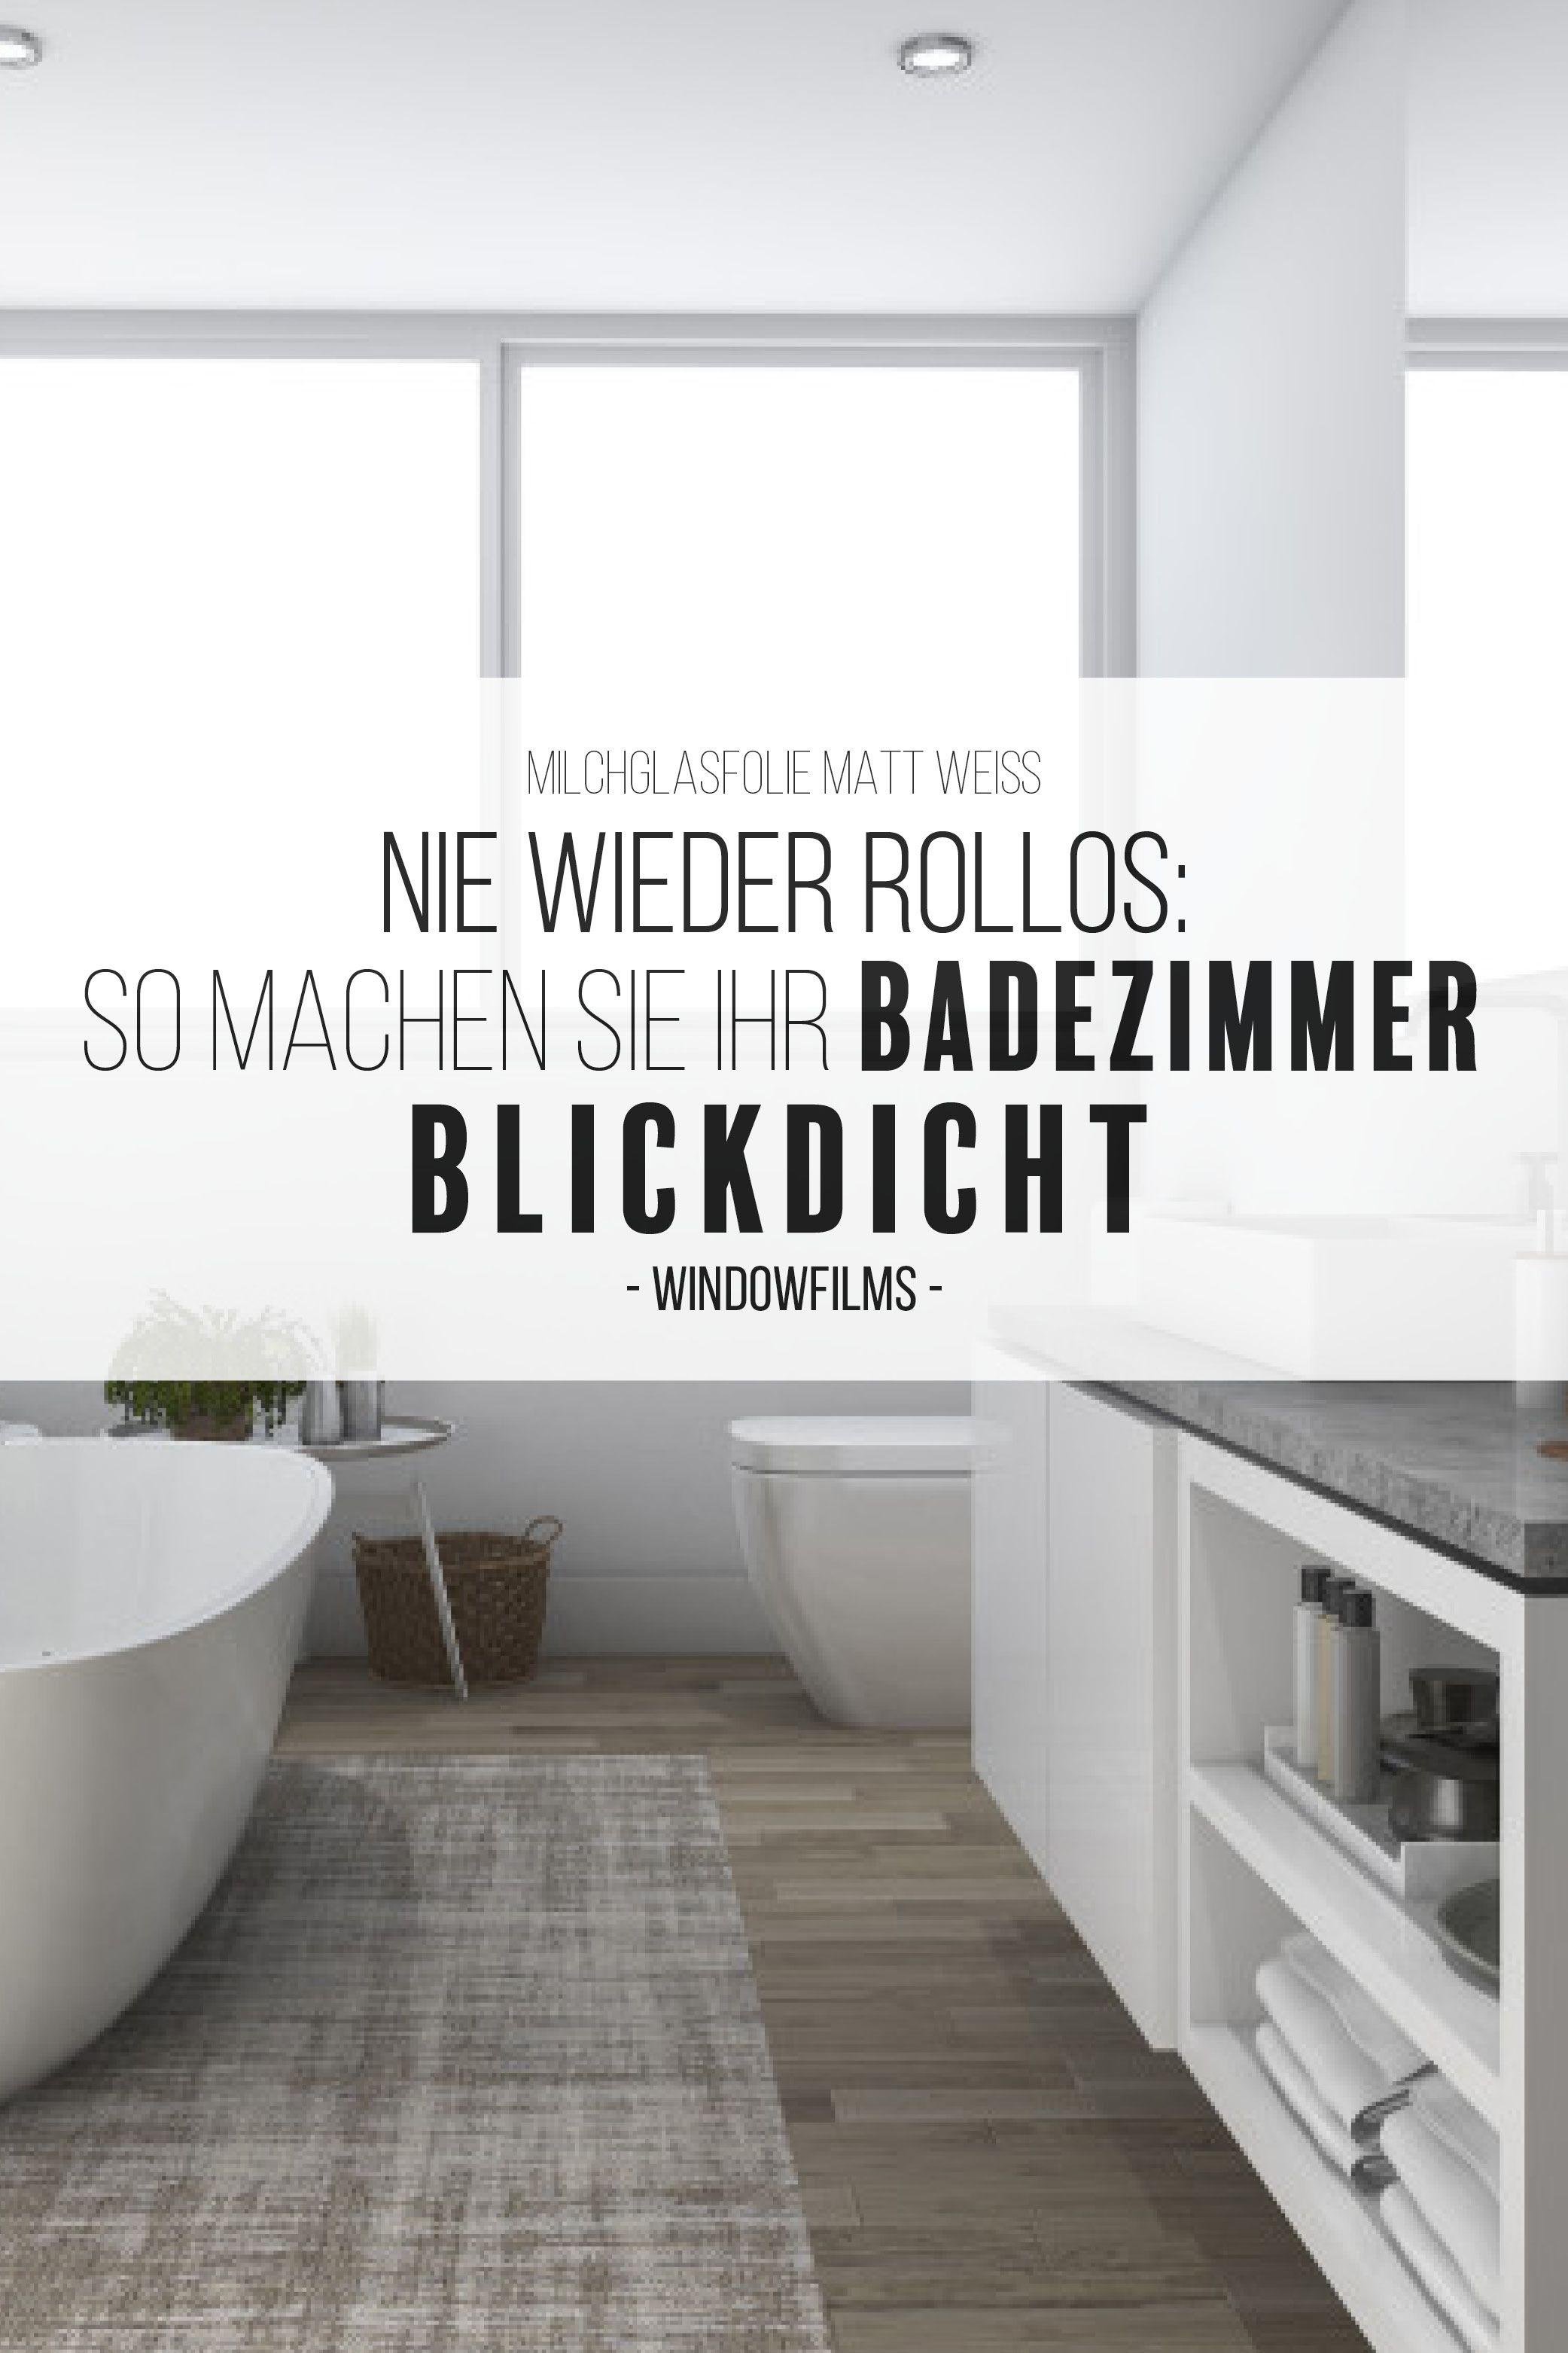 Matt Weisse Milchglasfolie Fur Den Aussenbereich Windowfilms Online In 2020 Badezimmer Ohne Fenster Hoteleinrichtung Badezimmer Inspiration